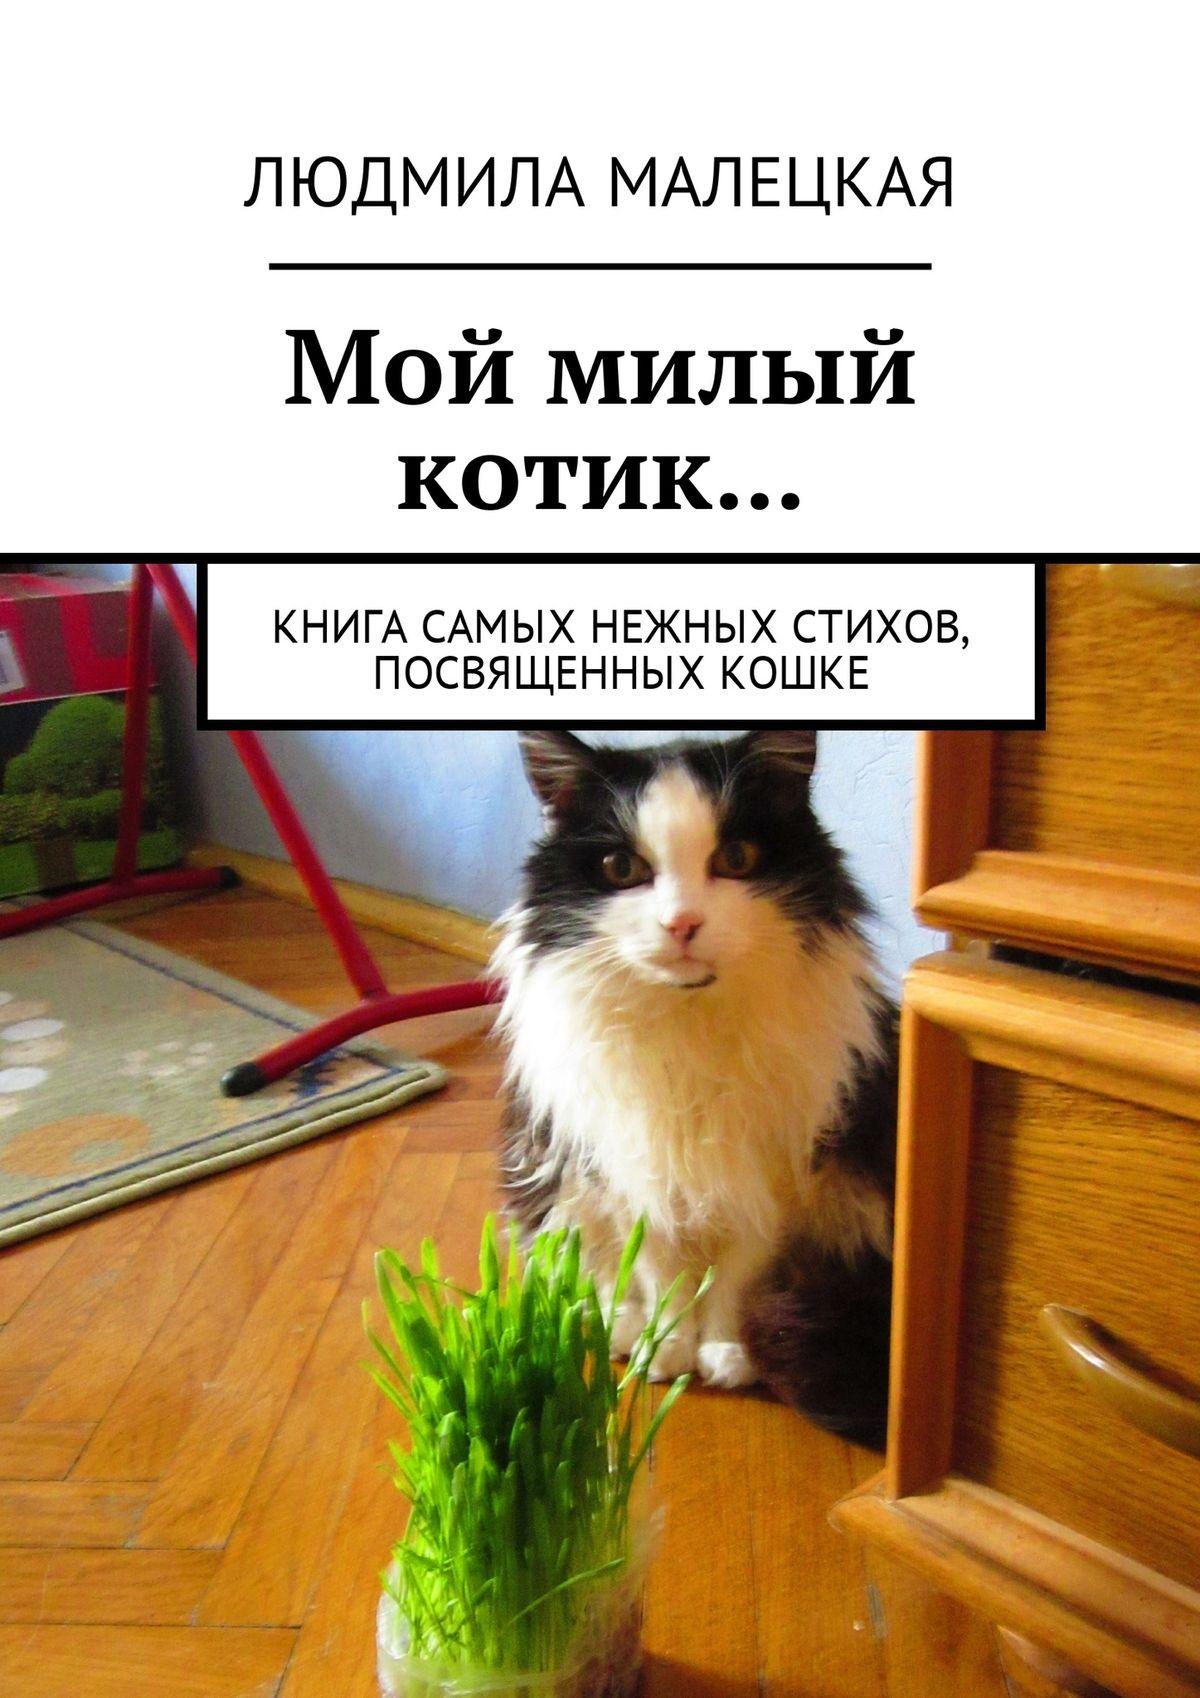 Людмила Малецкая Мой милый котик… Книга самых нежных стихов, посвященных кошке